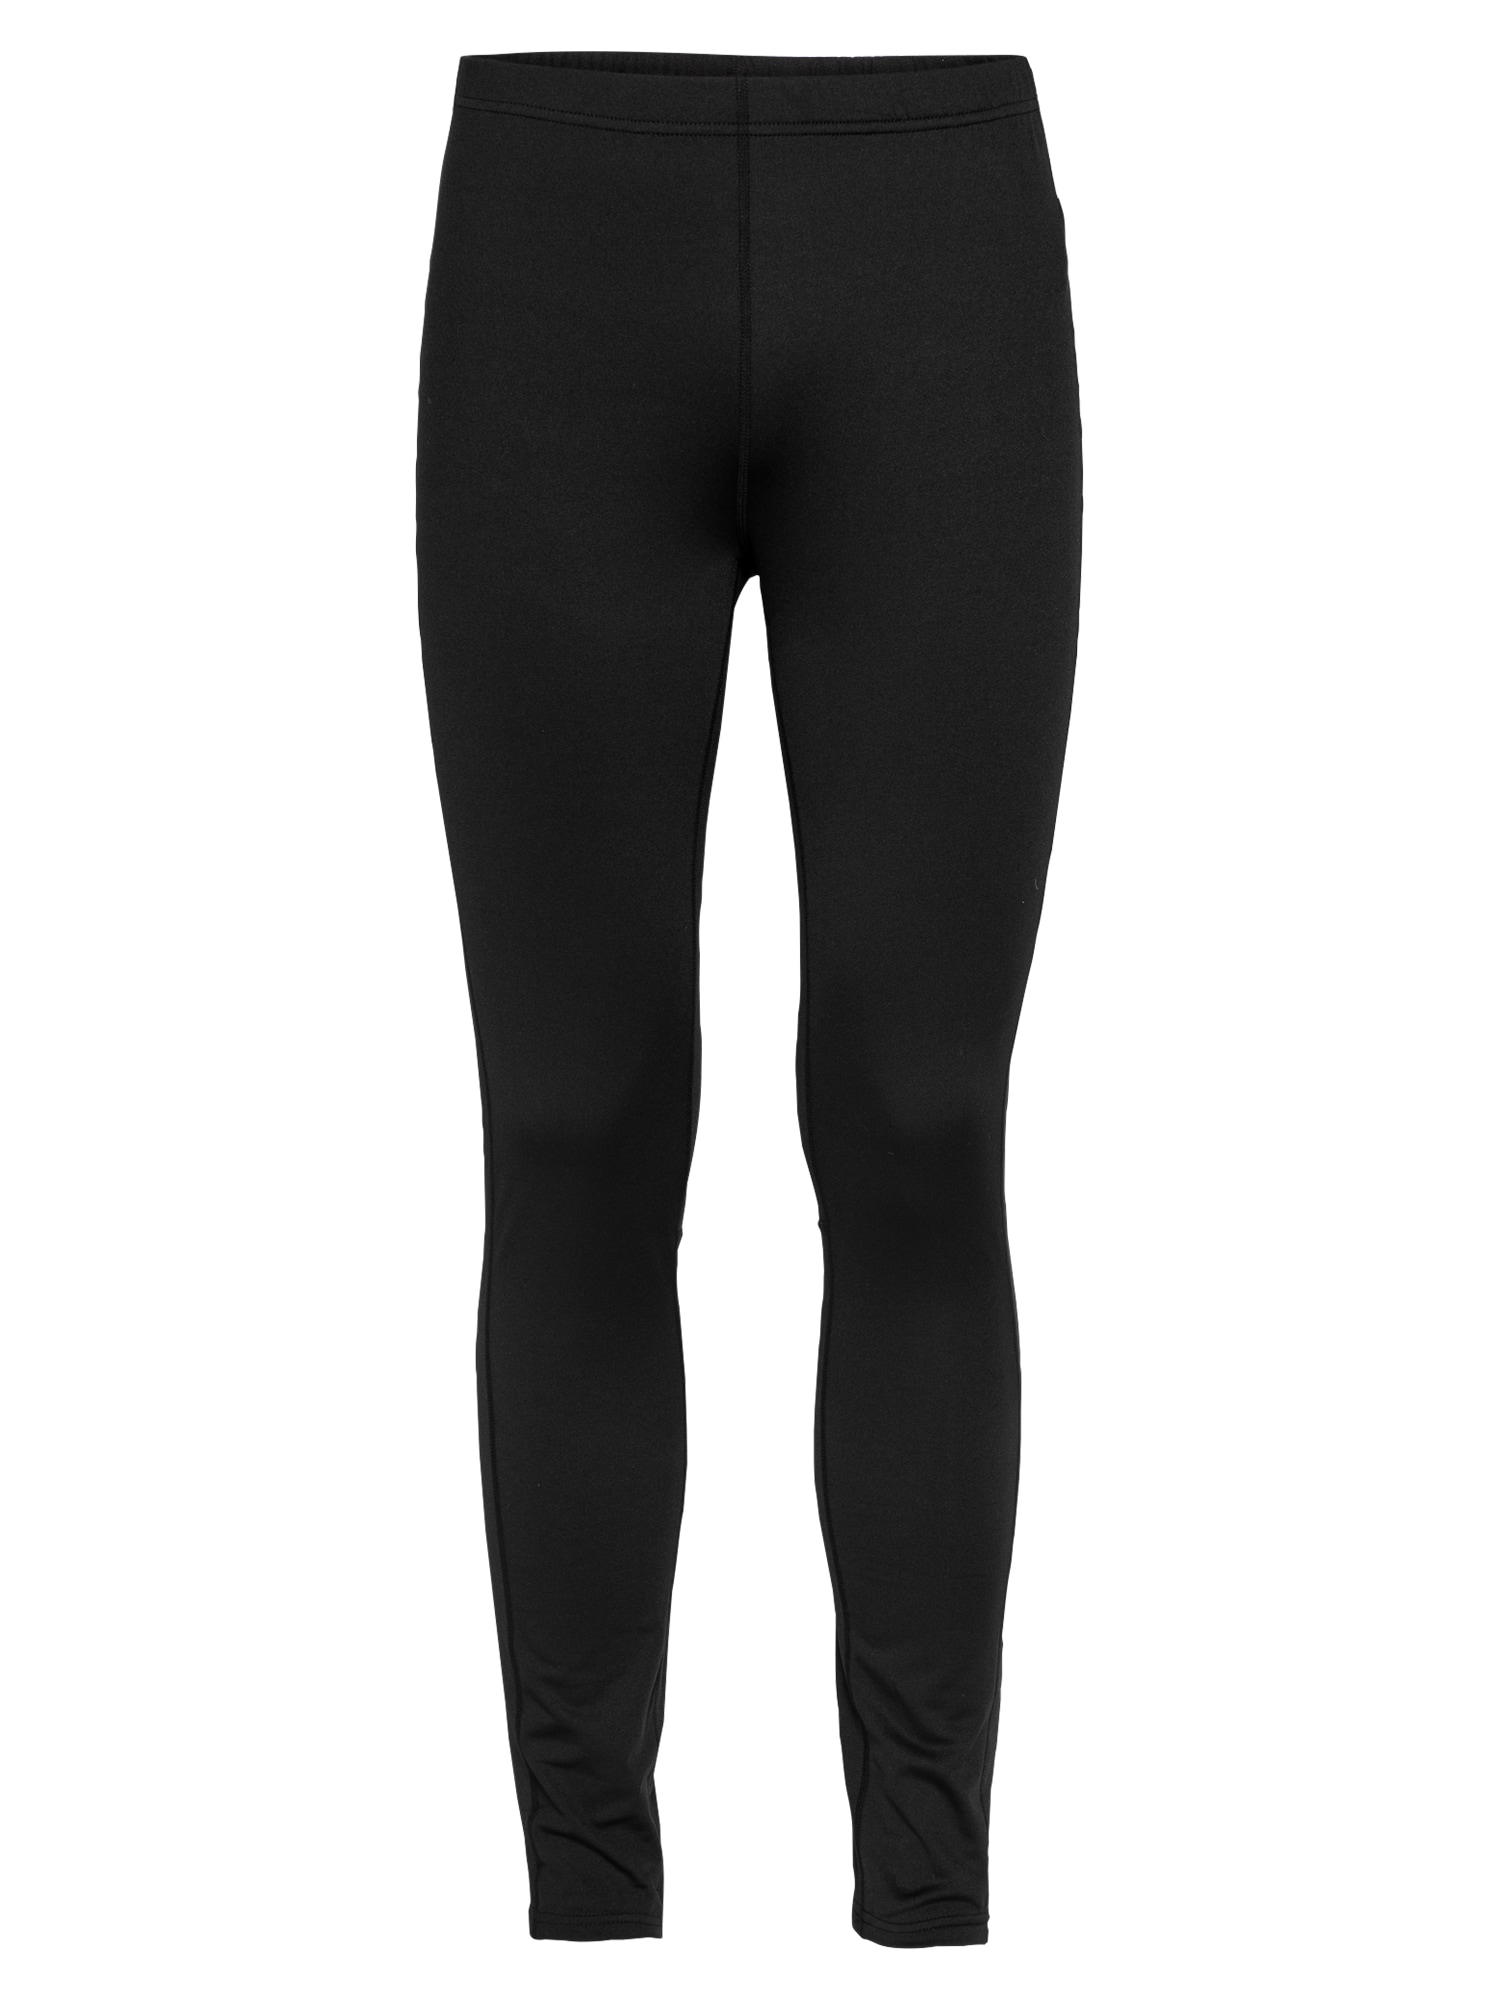 ICEPEAK Sportinės kelnės juoda